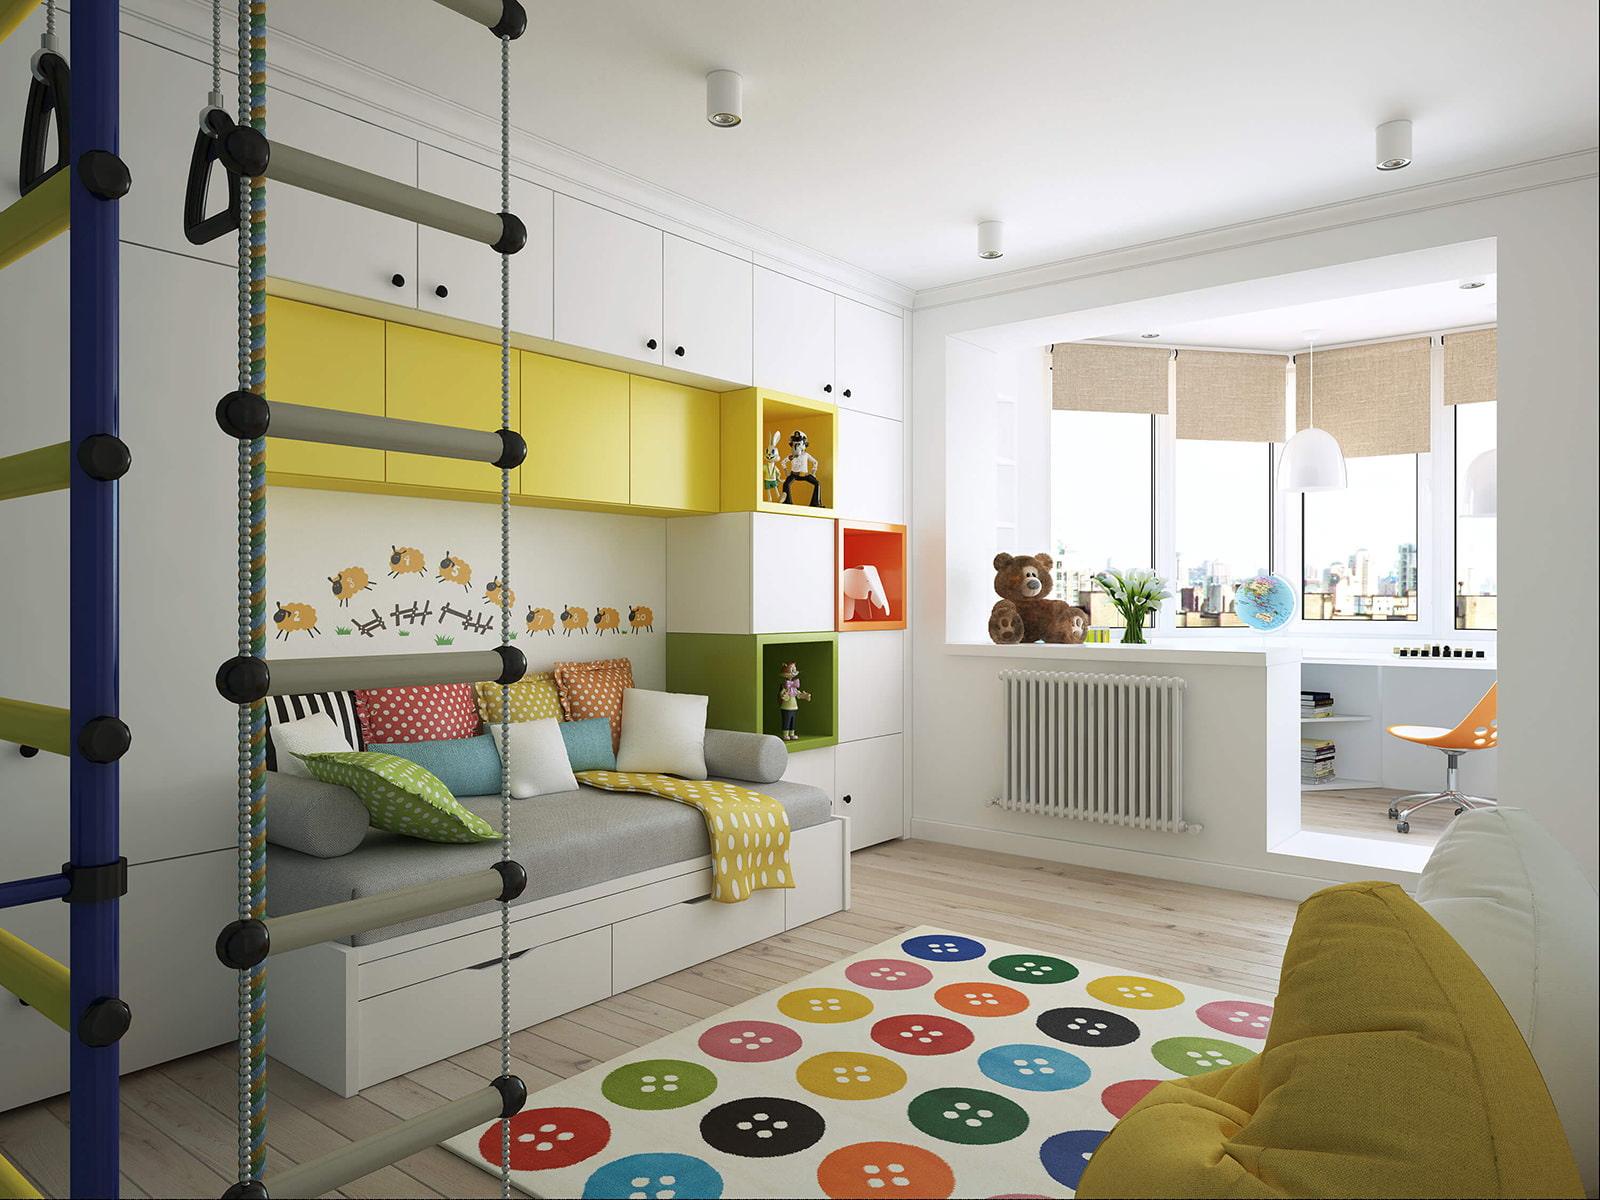 Как расставить мебель в интерьере? 80 фото готовых дизайнерс.